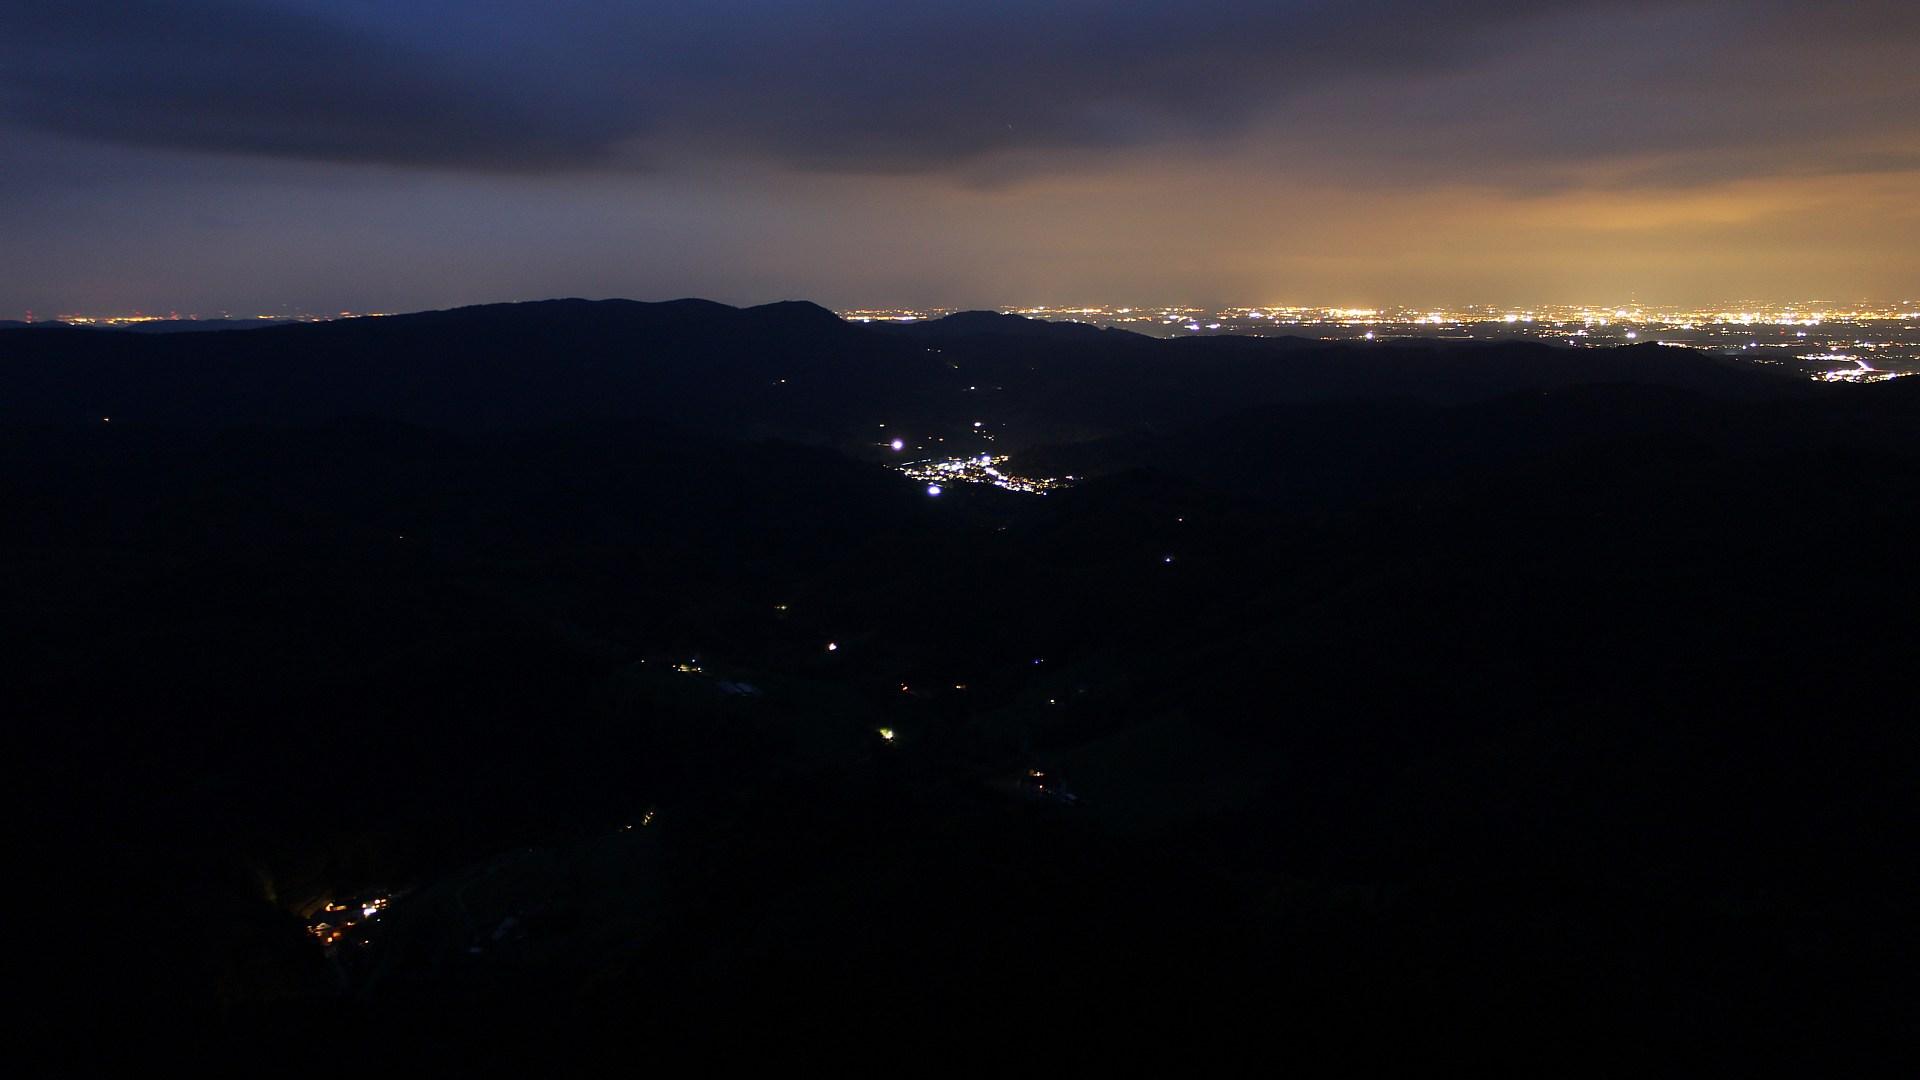 Aufnahme: Buchkopfturm vom 20.10.2021 19:20